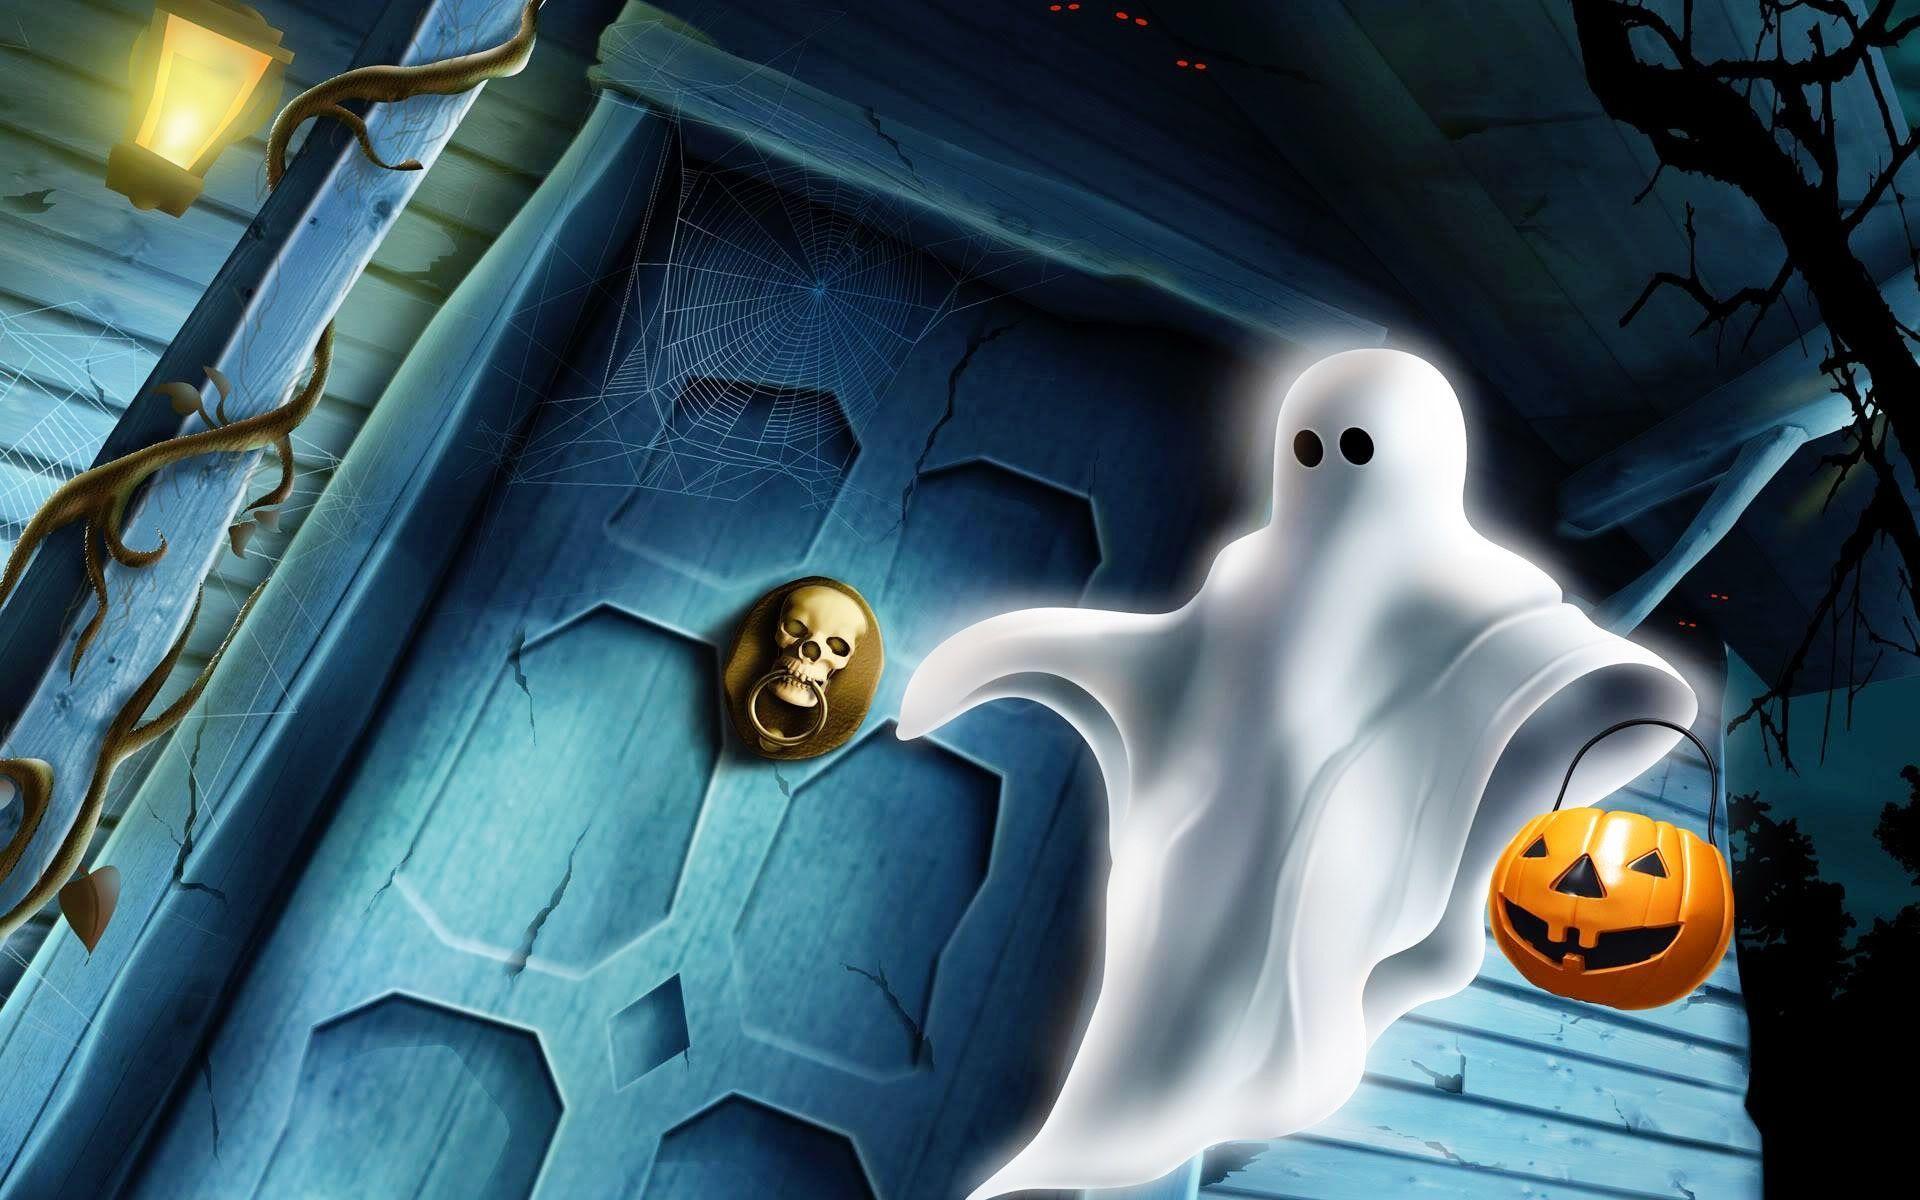 Halloween Ghost Desktop Wallpapers - Top Free Halloween Ghost Desktop Backgrounds - WallpaperAccess